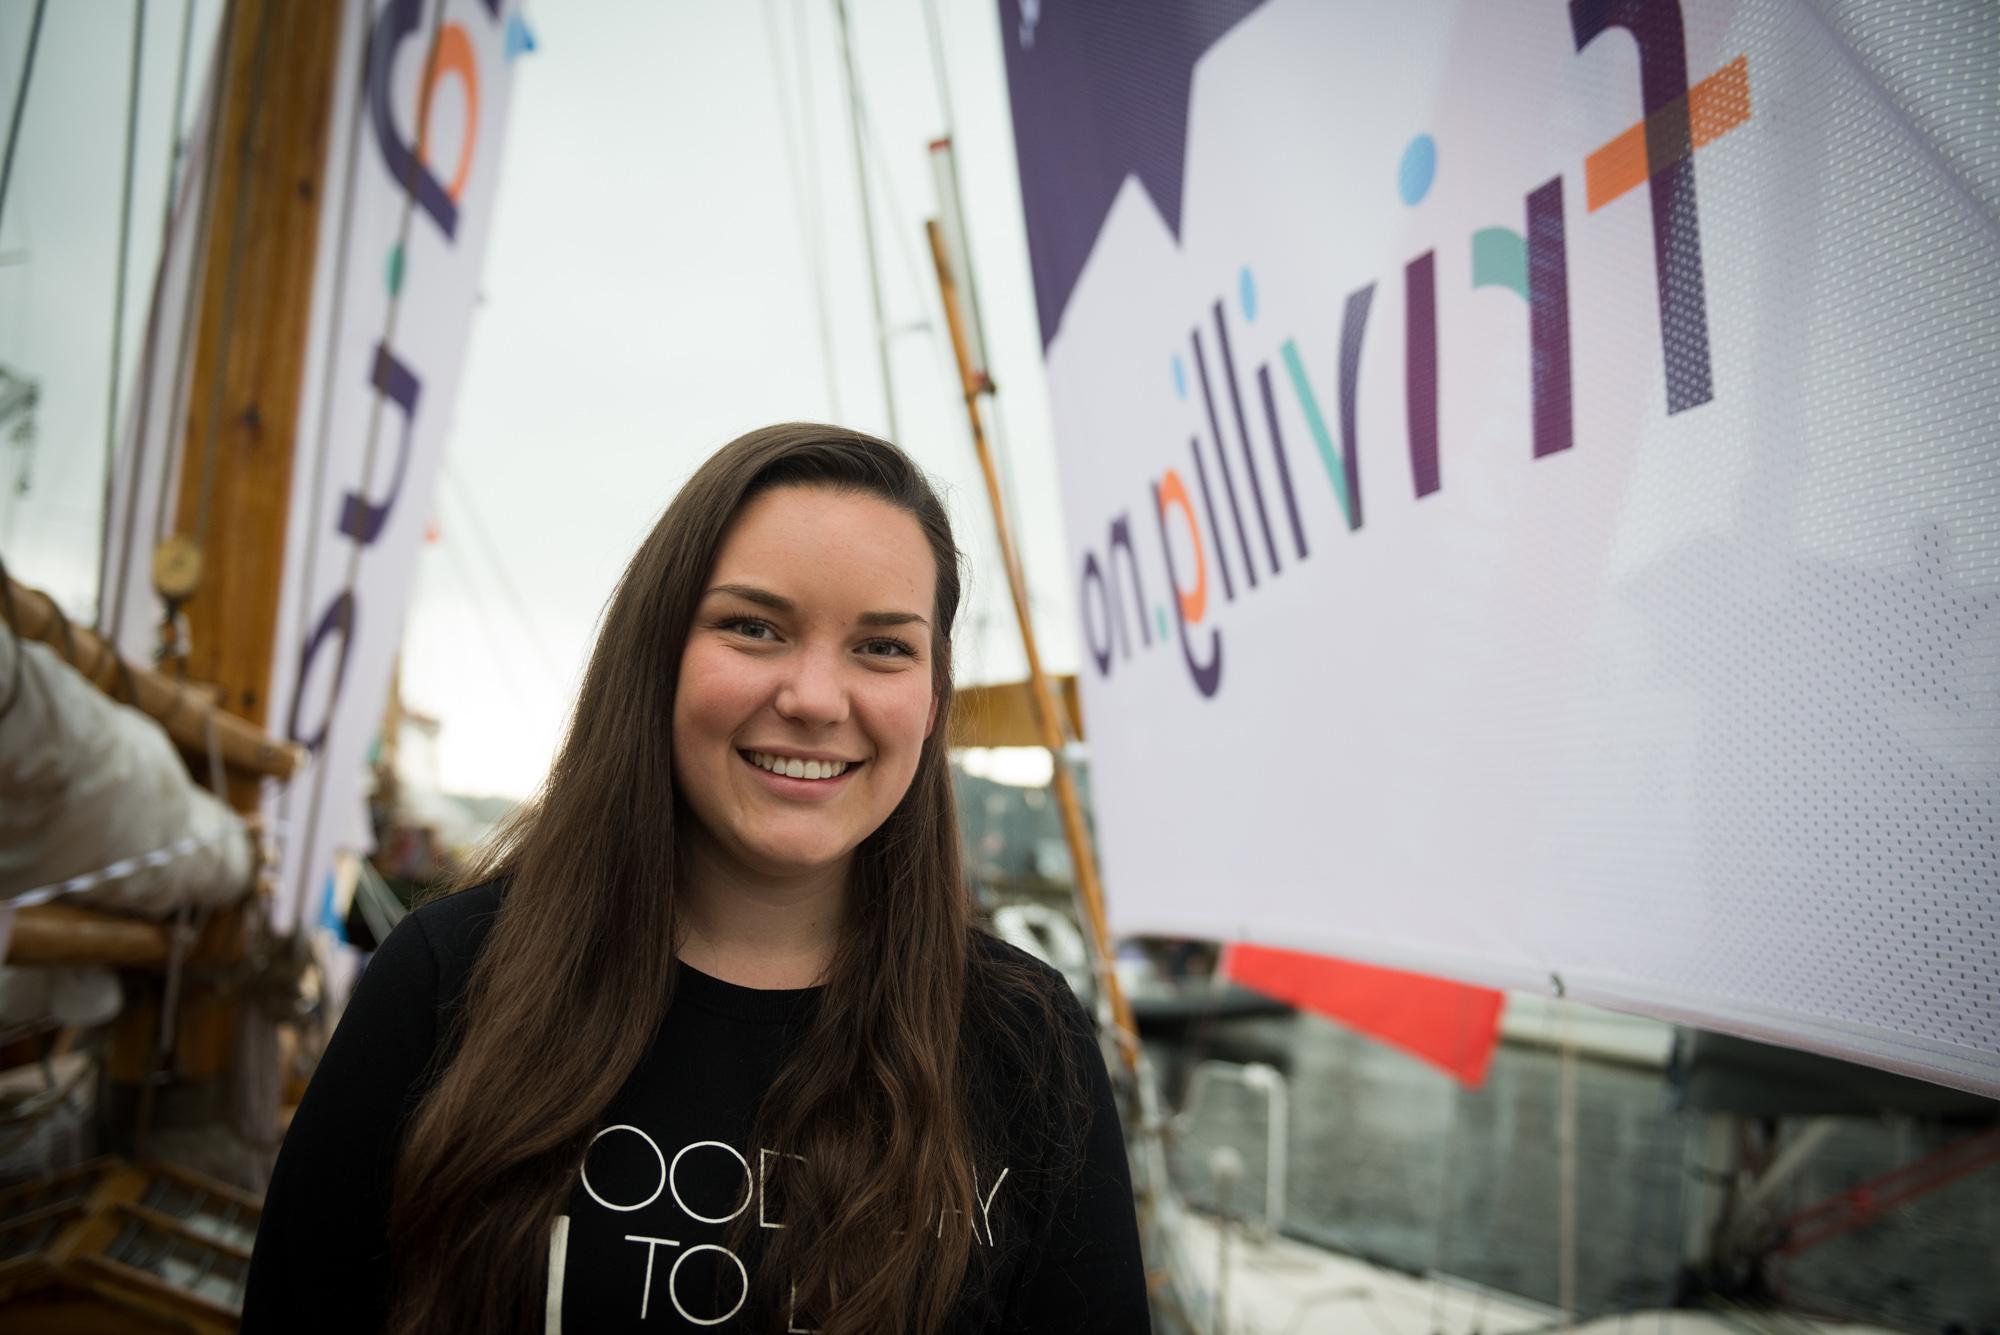 Historier fra frivilligheten - fra de frivillige - Eksempelhistorier i tekst fra folk som har blitt frivillig gjennom Frivillig.no, 2017